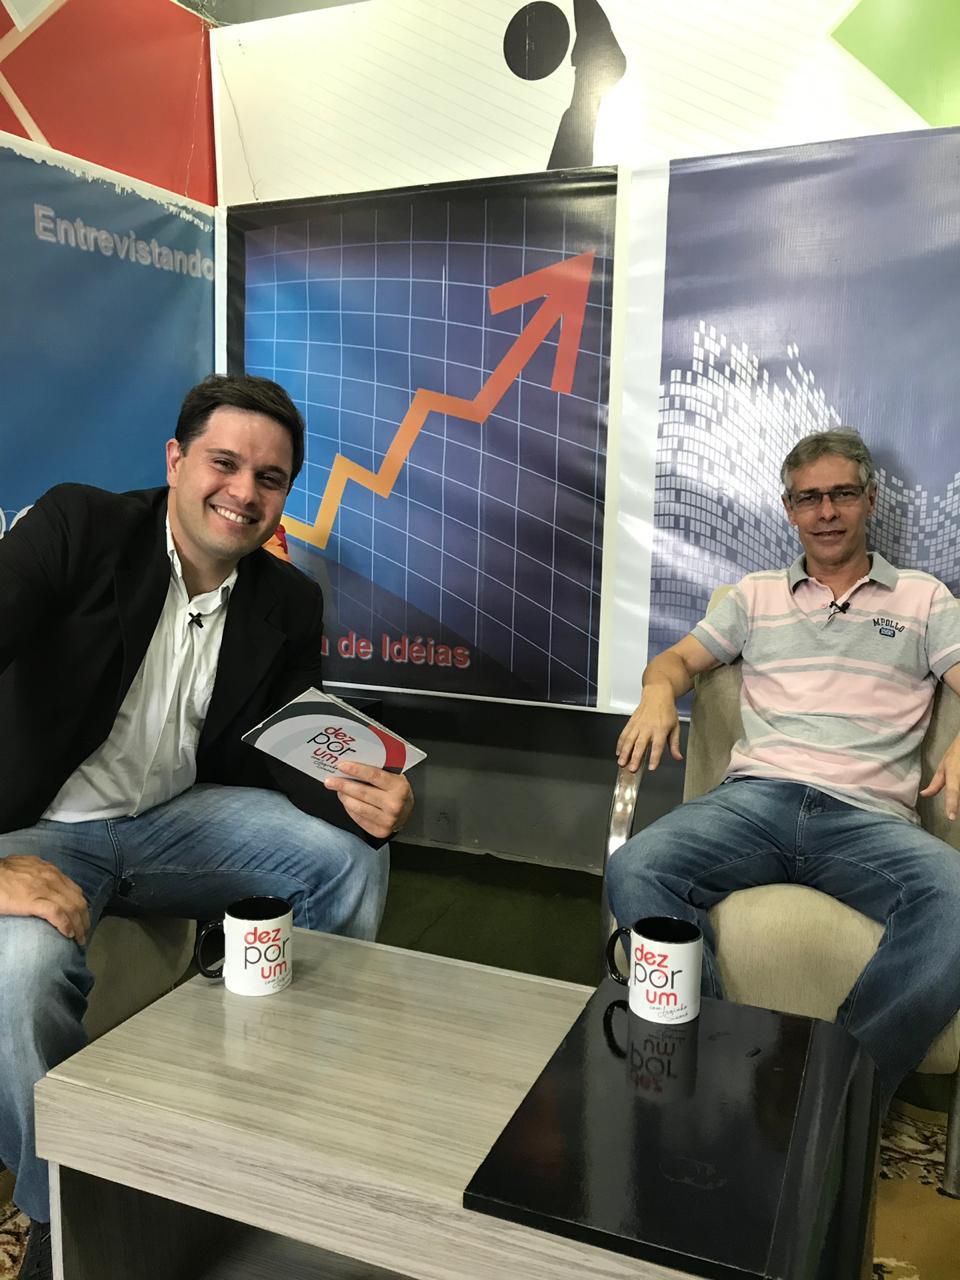 Santiago Santos - TV Sete Lagoas